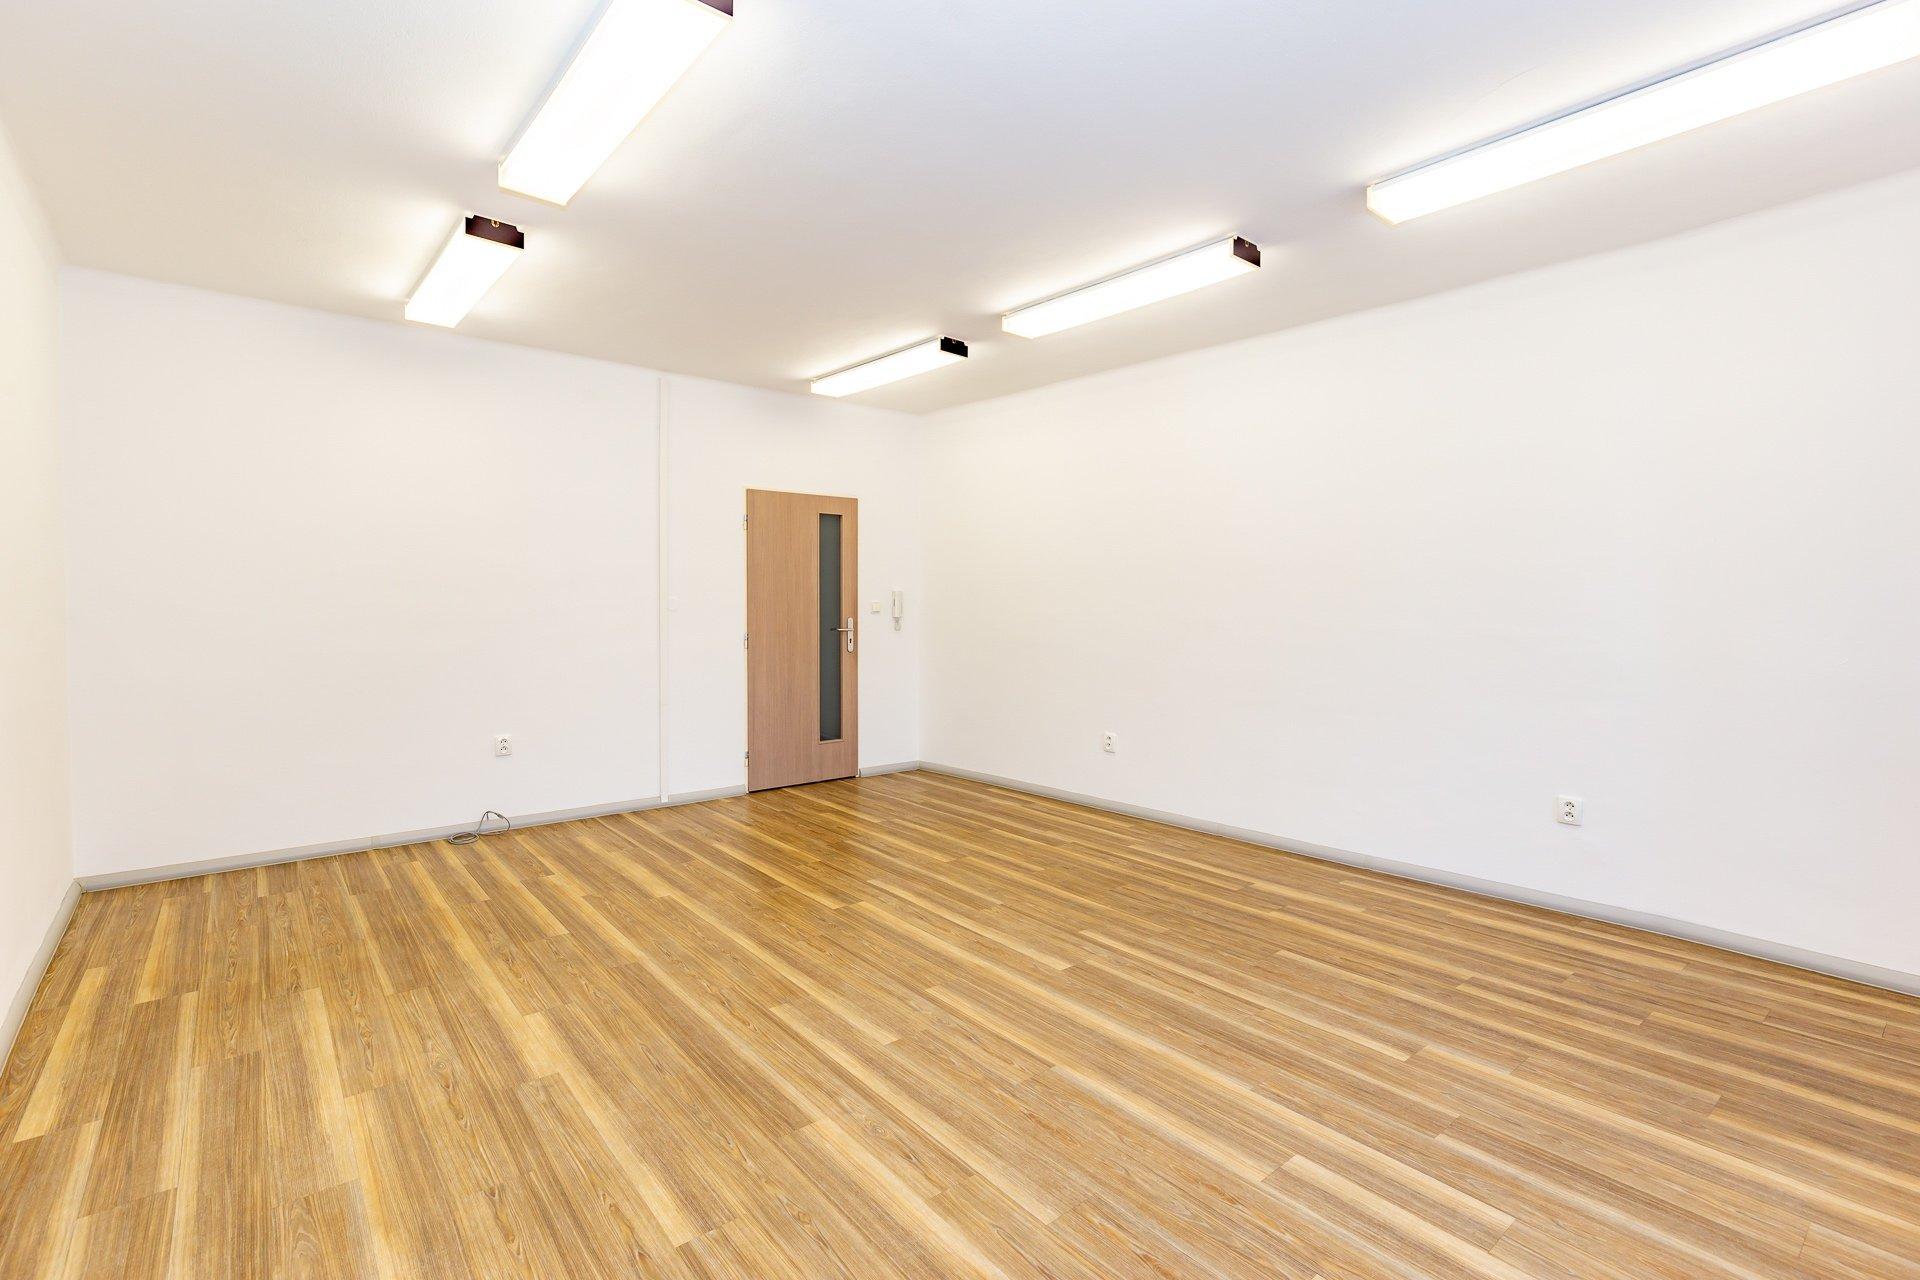 prázdný kancelářský prostor s řevěnou podlahou, stropní zářivky a dveře